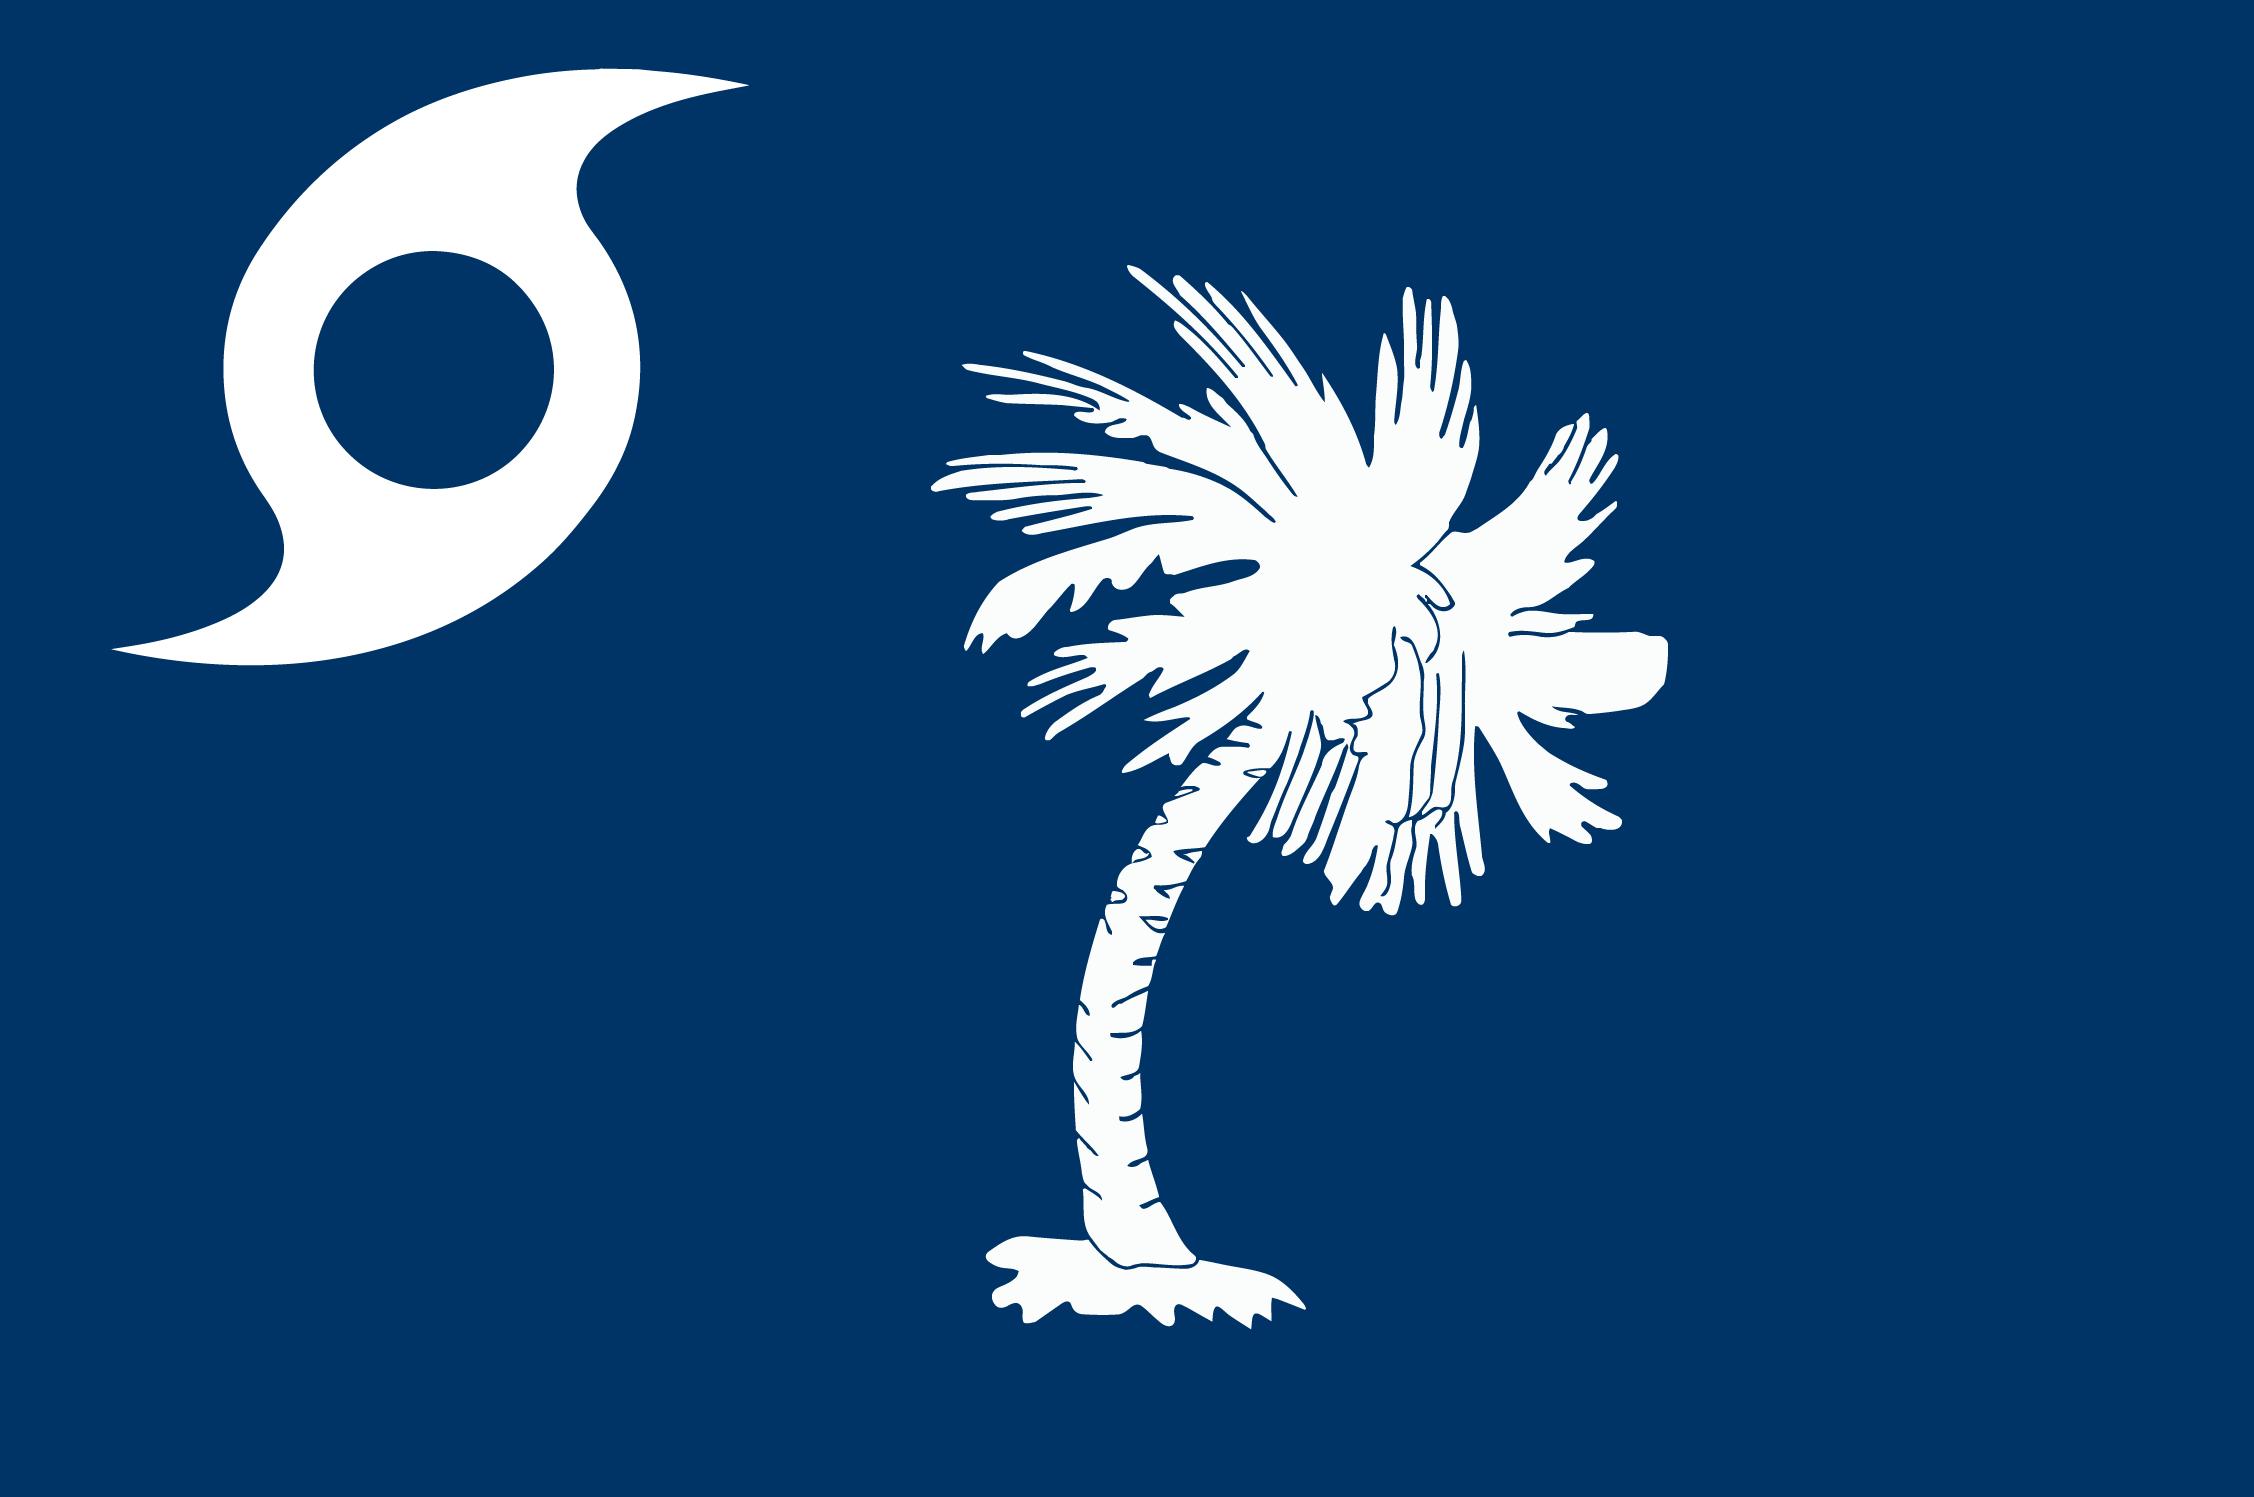 SC Hurricane Flag